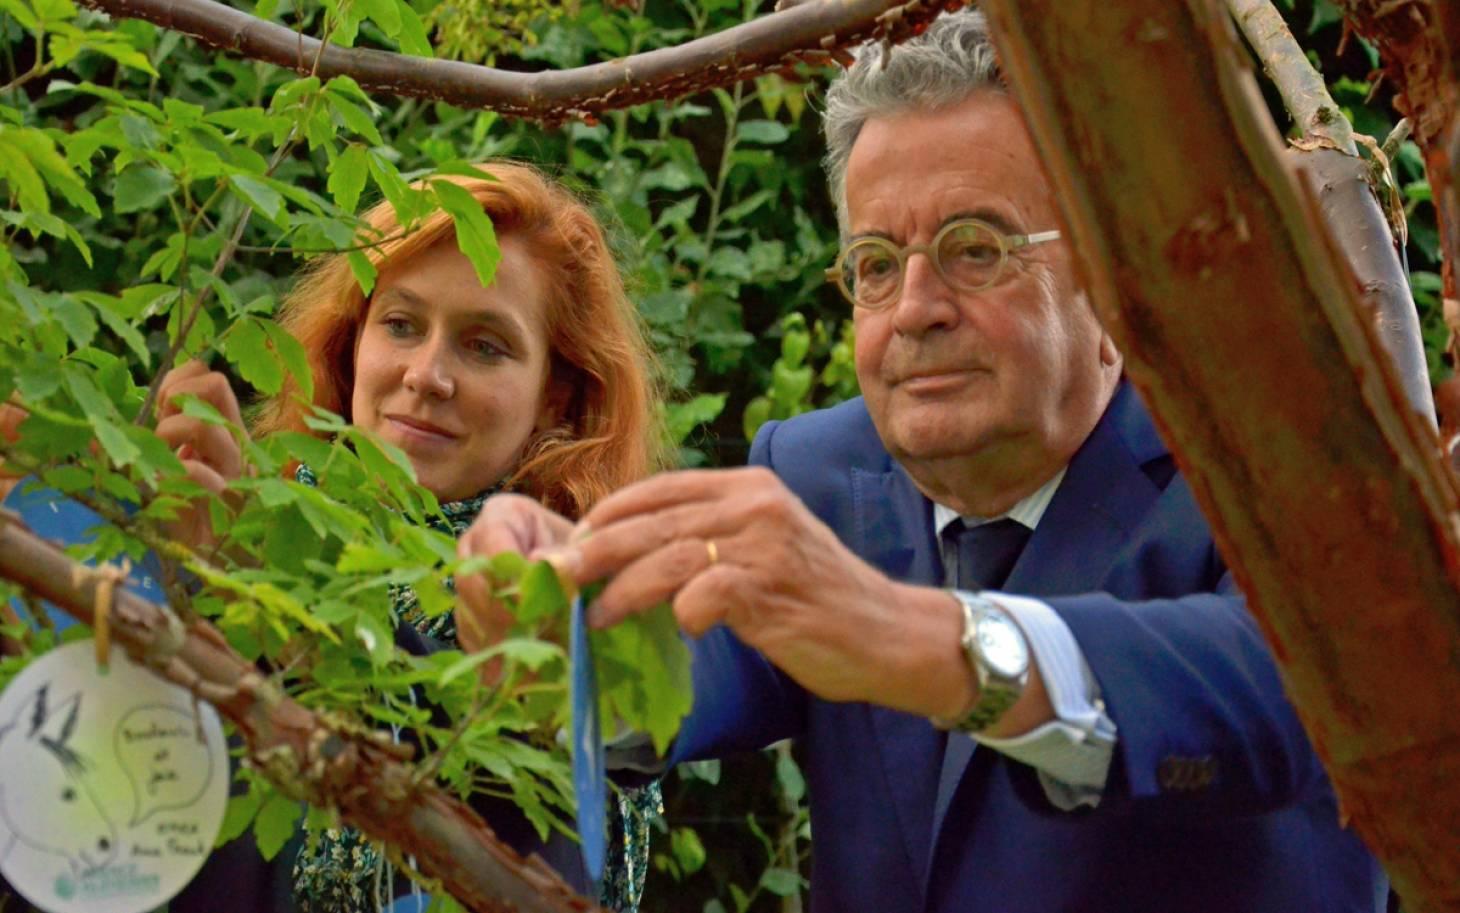 Journée mondiale Alzheimer - Un arbre pour symboliser le combat contre la maladie